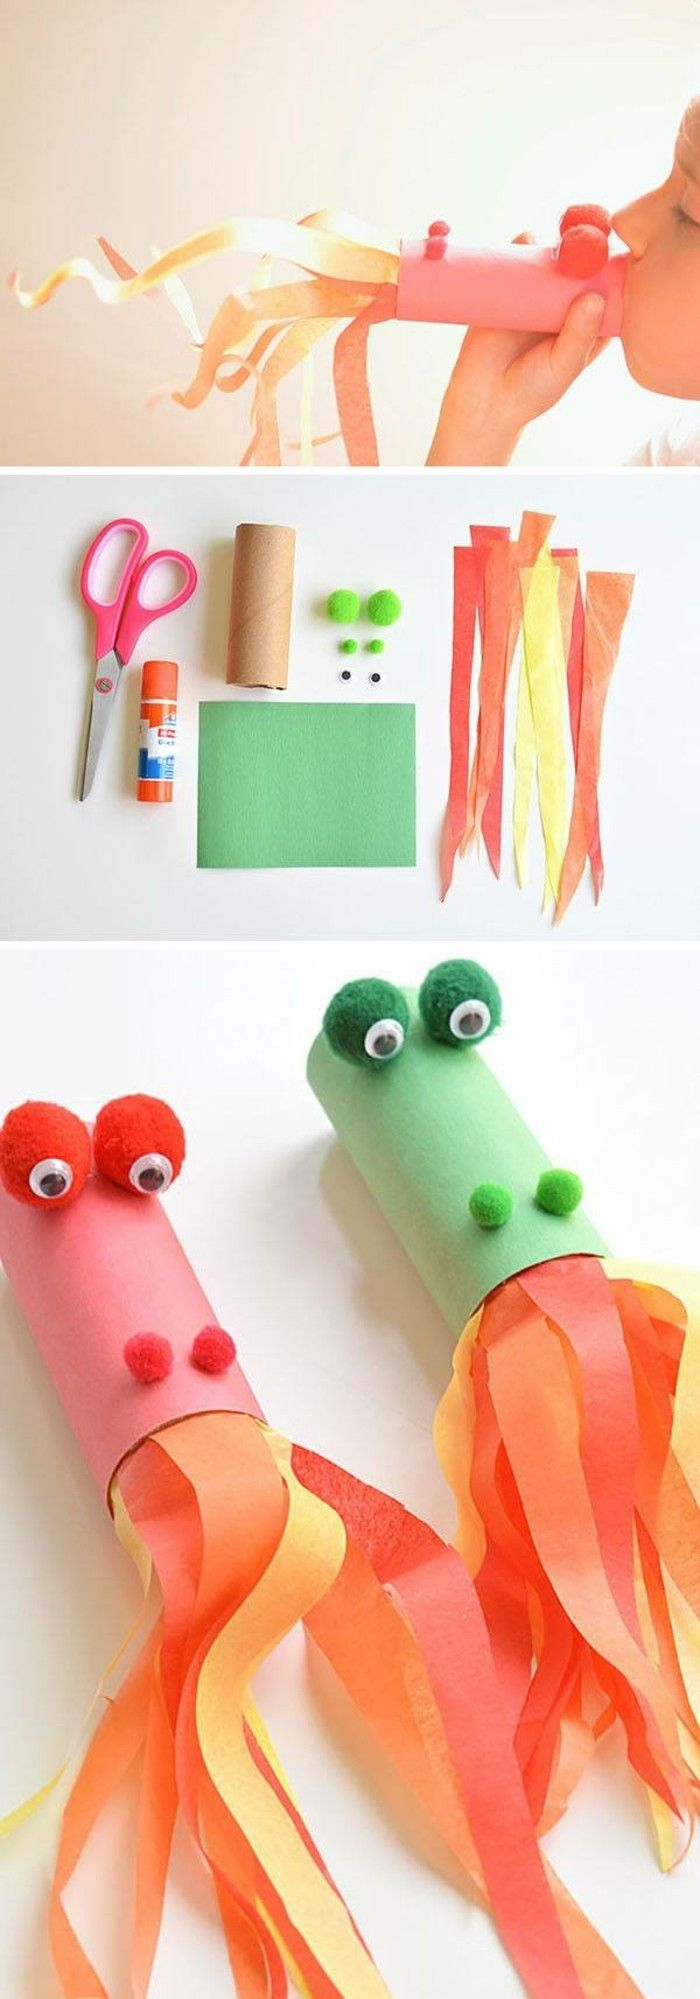 Basteln Mit Toilettenpapierrollen basteln mit klopapierrollen diy ideen deko ideen basteln mit kindern